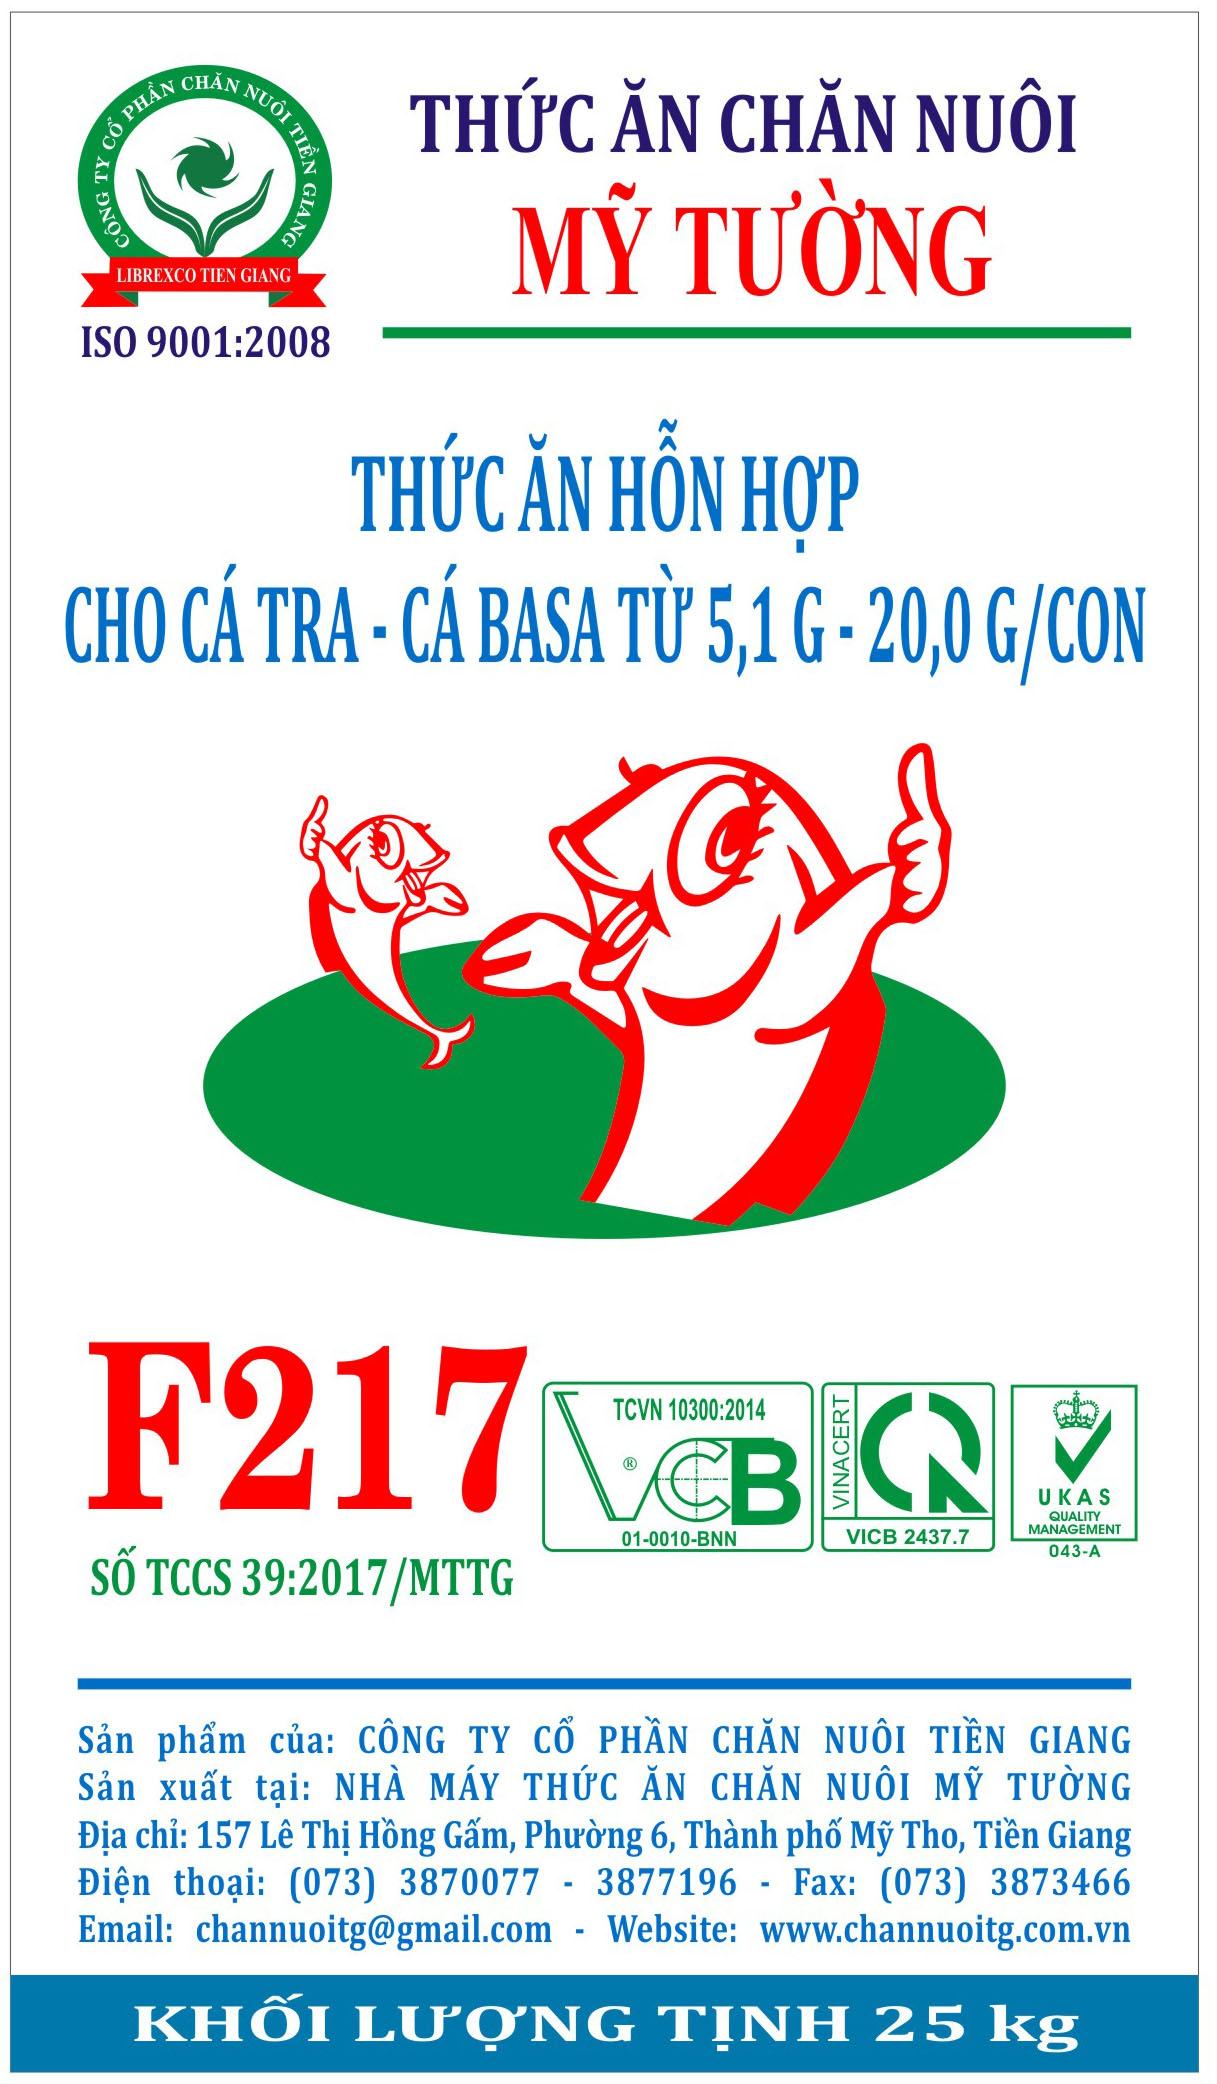 Thức ăn hỗn hợp cho cá tra - cá basa từ 5,1 G - 20,0 G/con (F217)